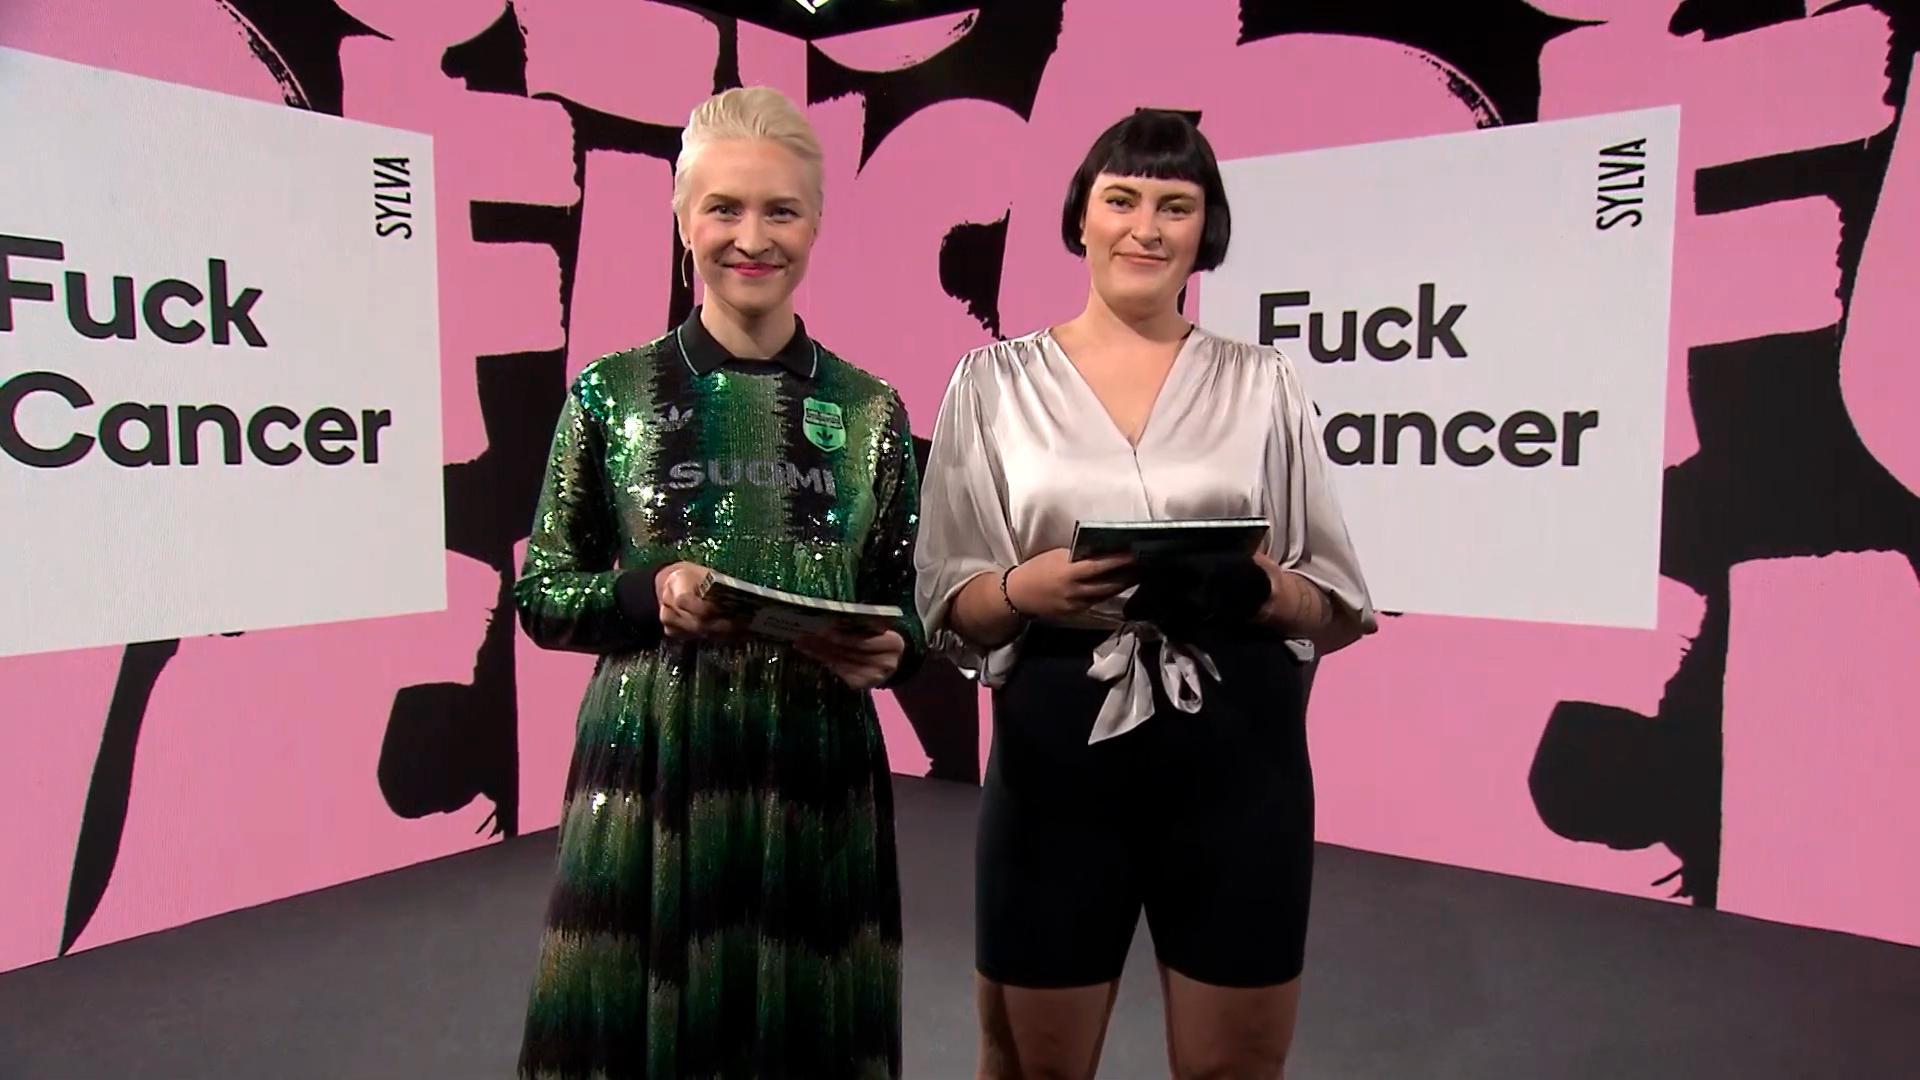 Fuck Cance rRun 2020